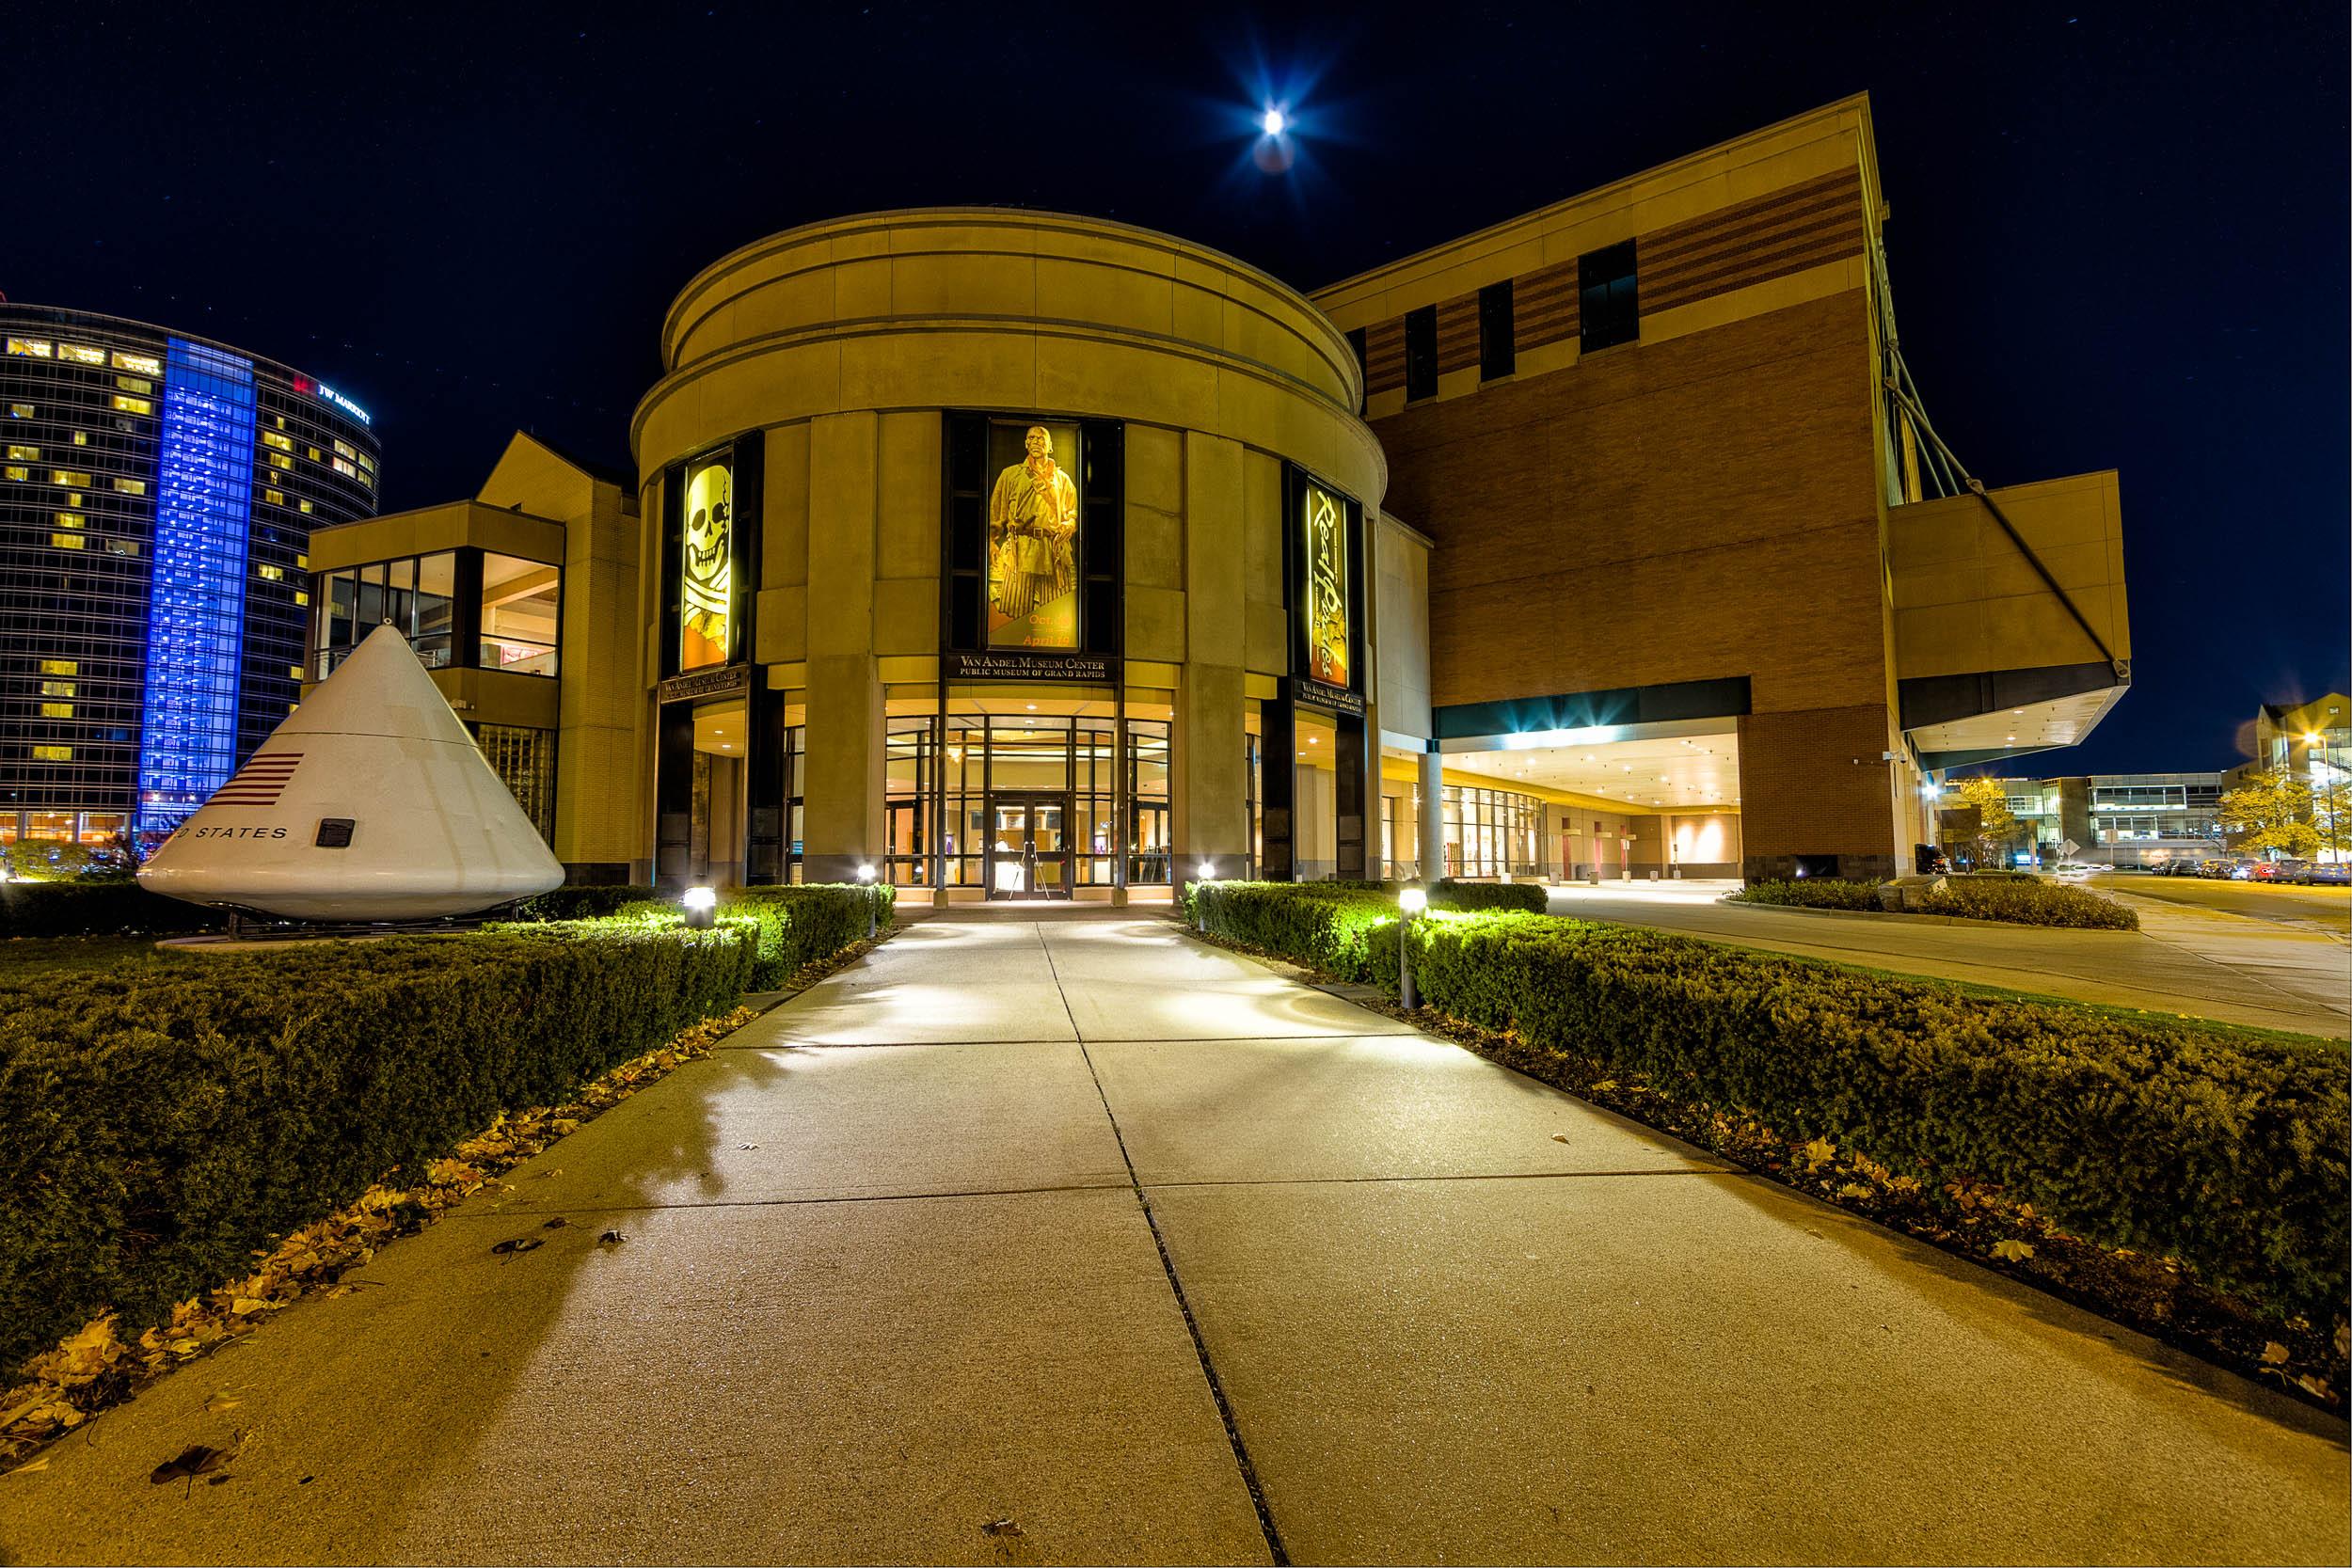 Public Museum of Grand Rapids